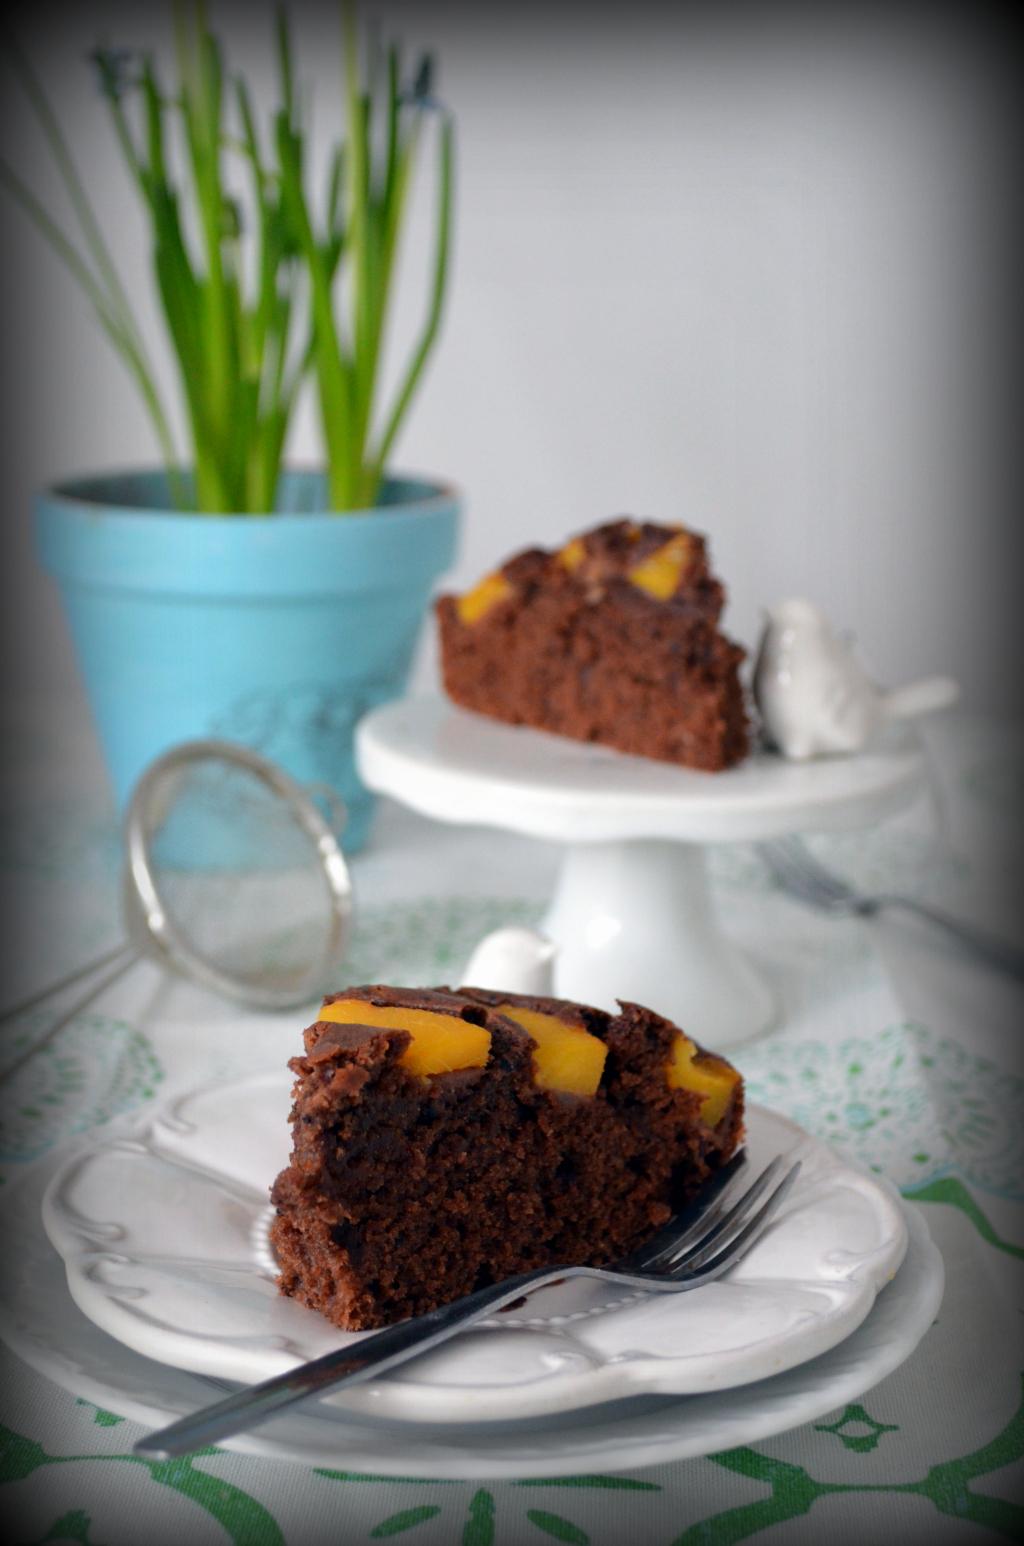 ciasto-czekoladowe-z-brzoskwiniami Ciasto czekoladowe z brzoskwiniami